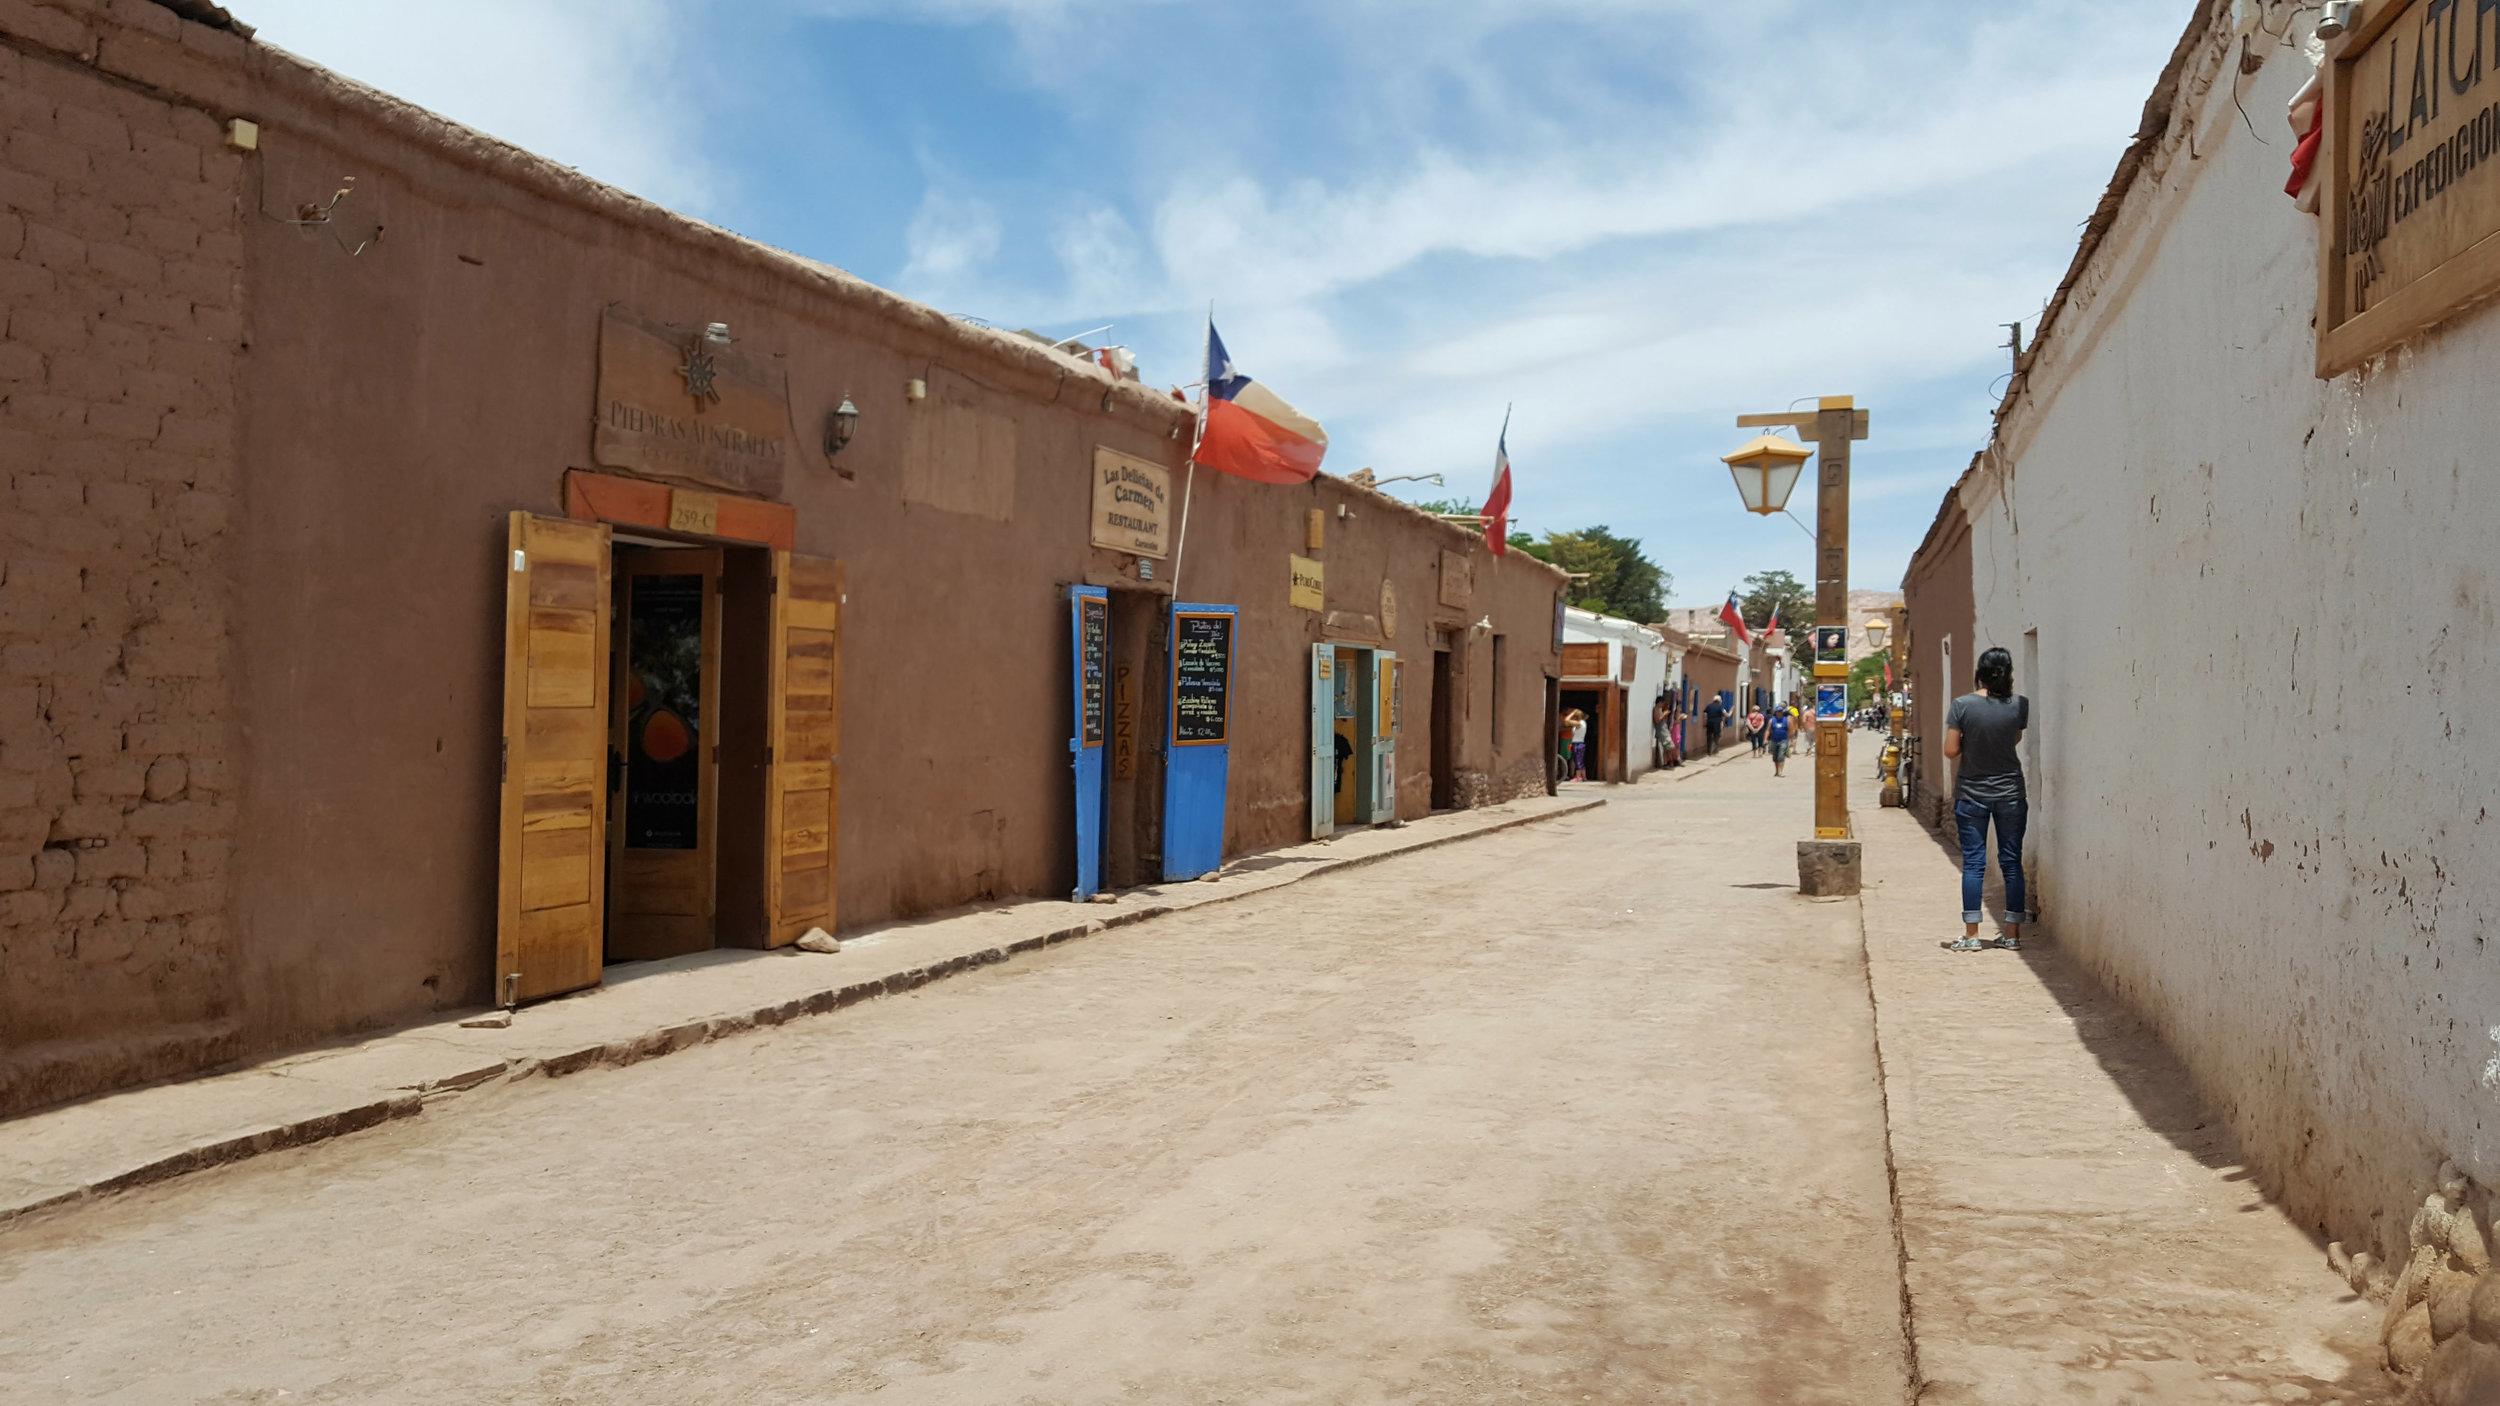 The metropolis of San Pedro de Atacama